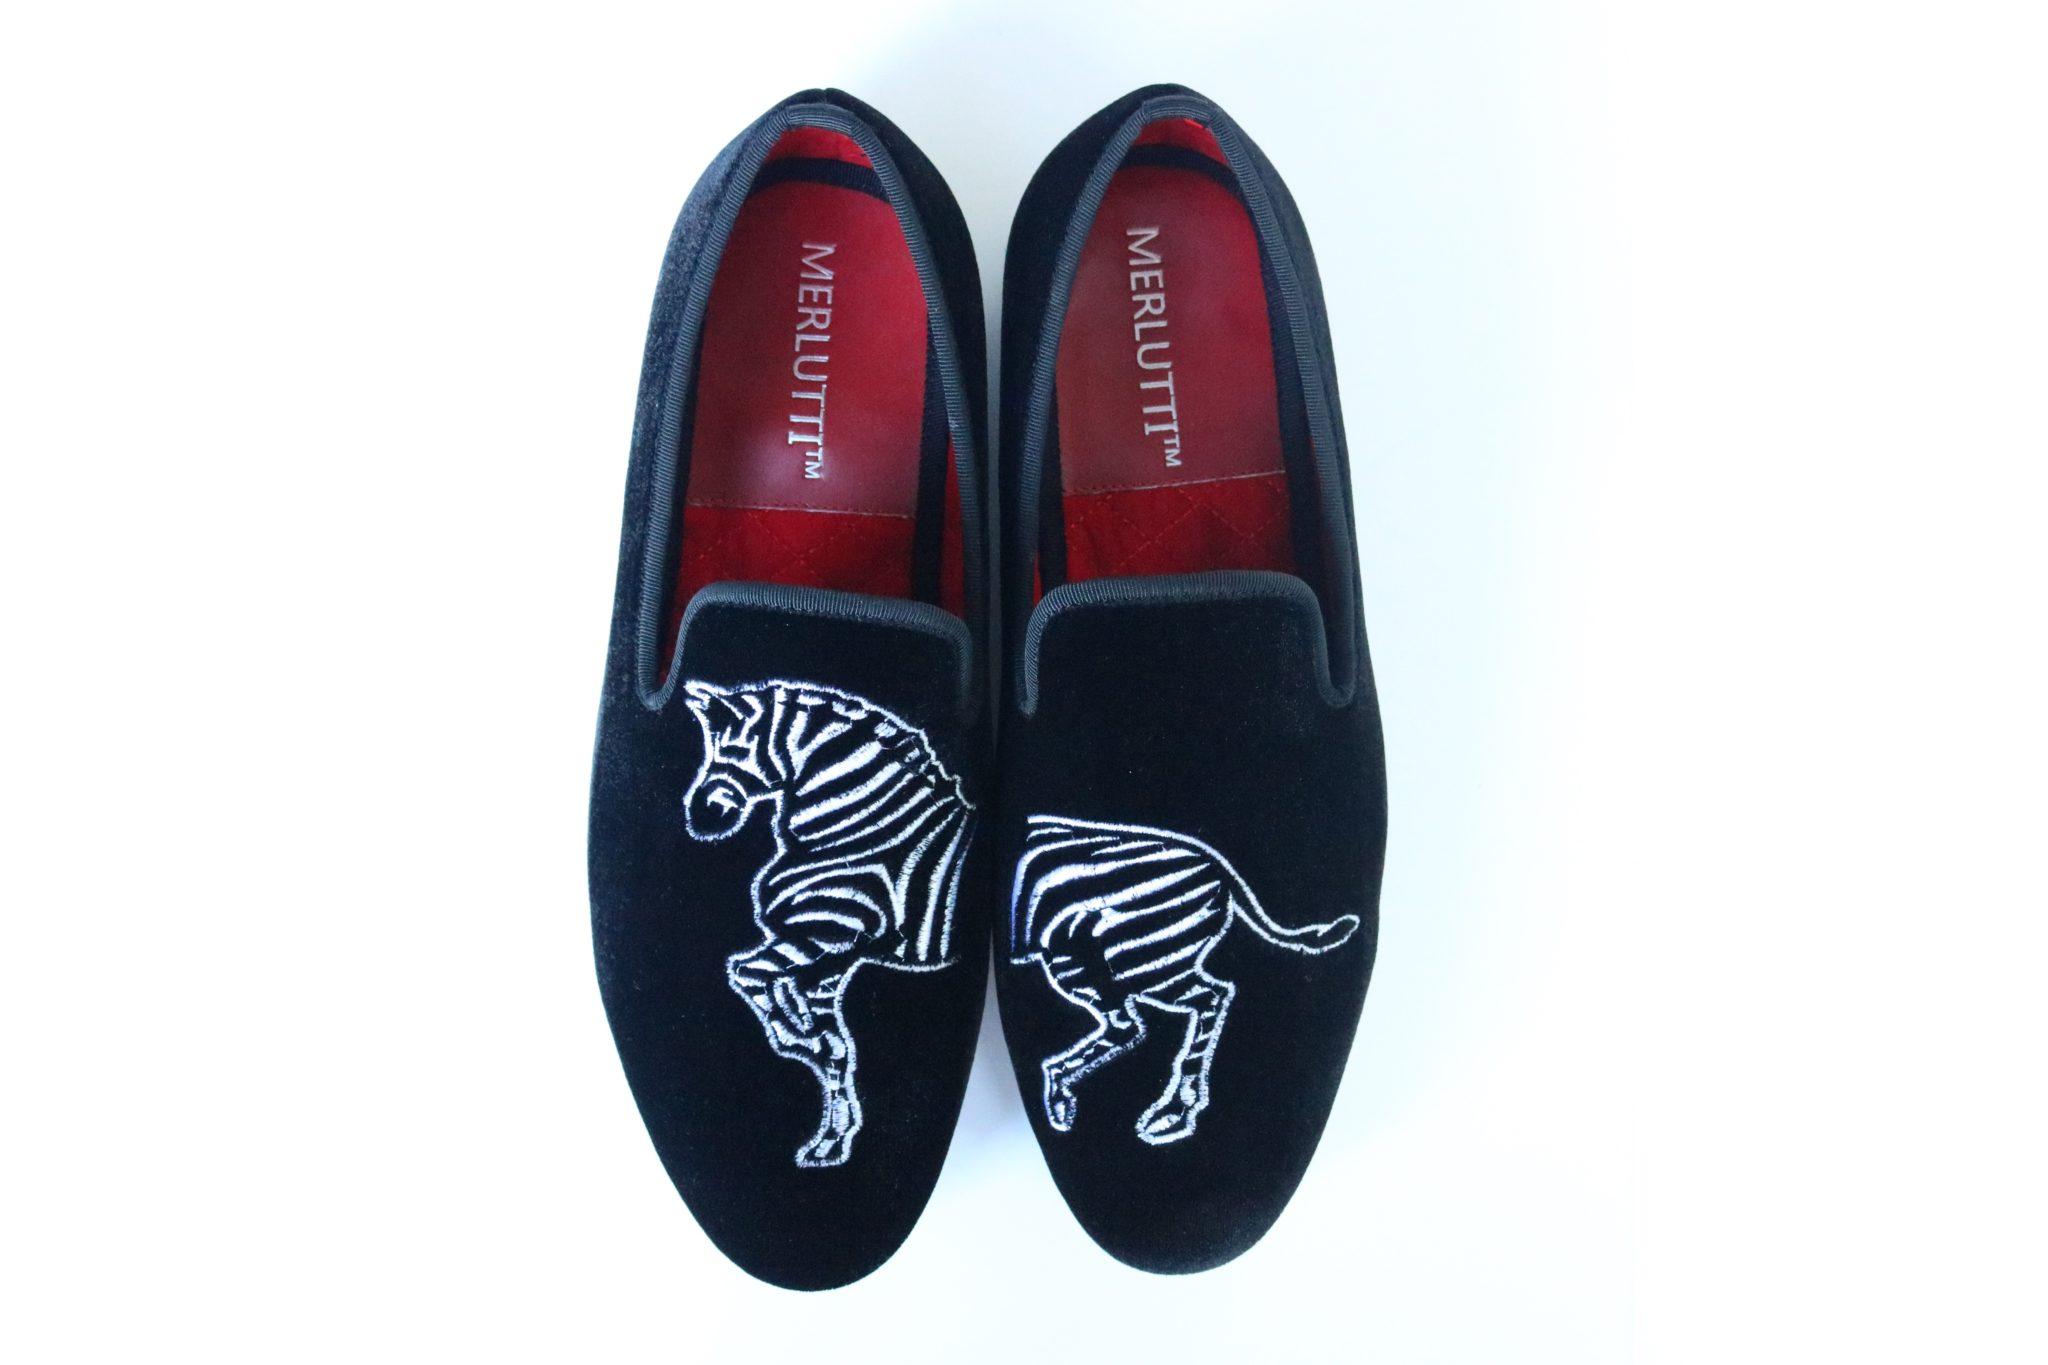 262fa1e53a5 Handmade Black Velvet Loafers Zebra Embroidered - Merlutti